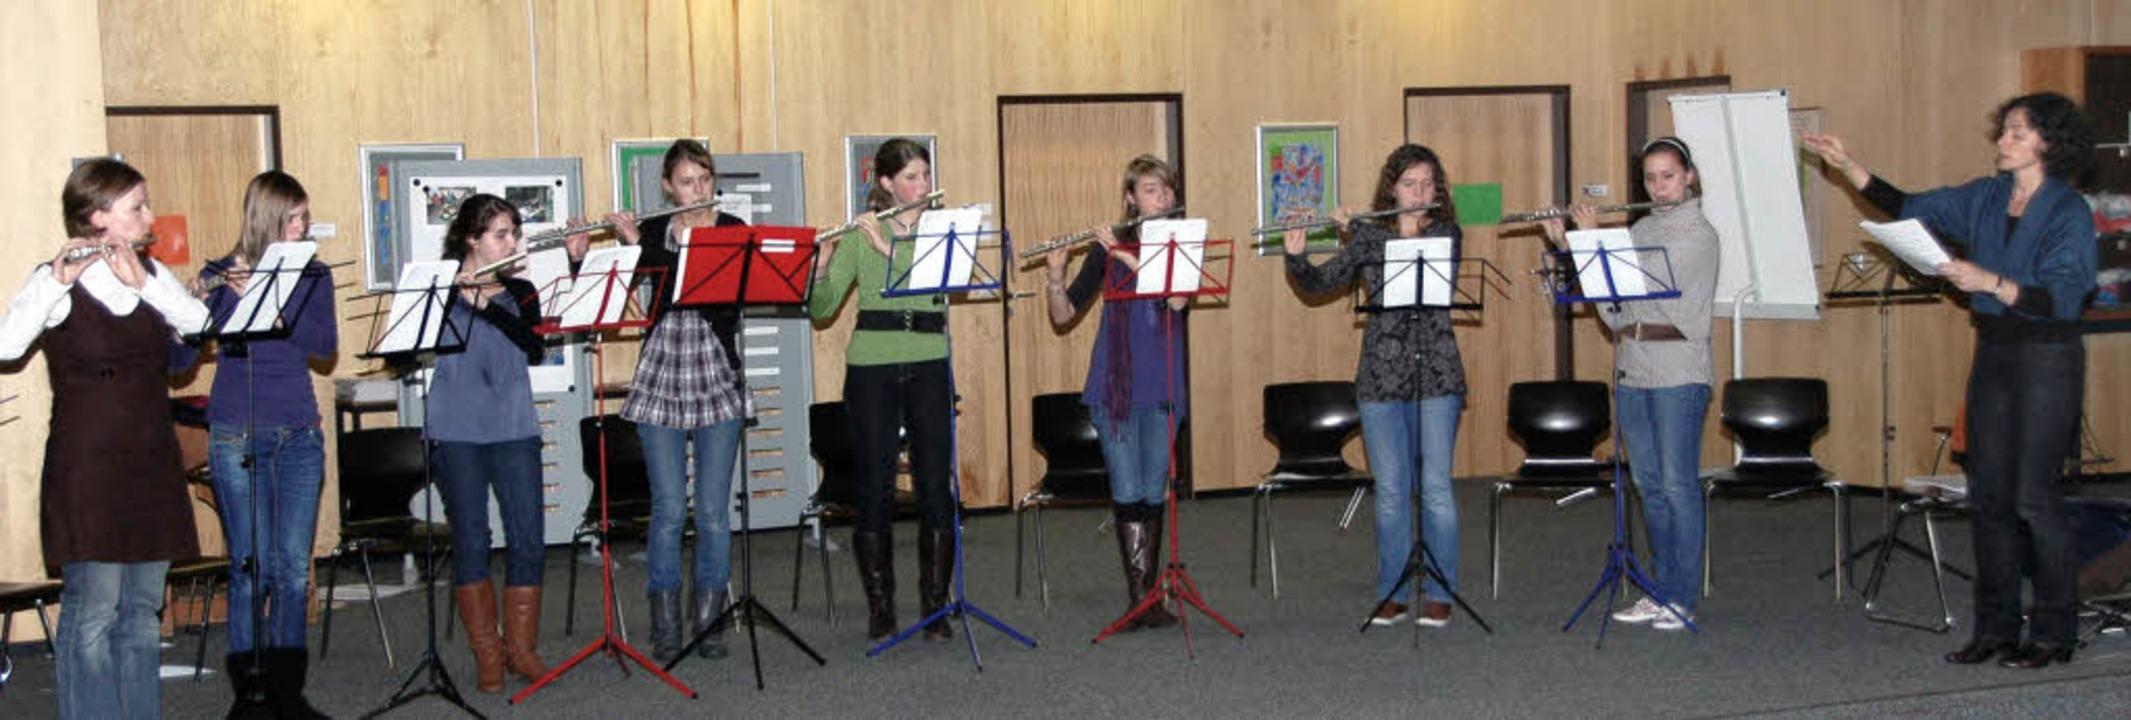 Friederike Saam (rechts)  ließ  ihre  ...ülerinnen   Werke von Mozart spielen.   | Foto: Skorupa-Kiefer